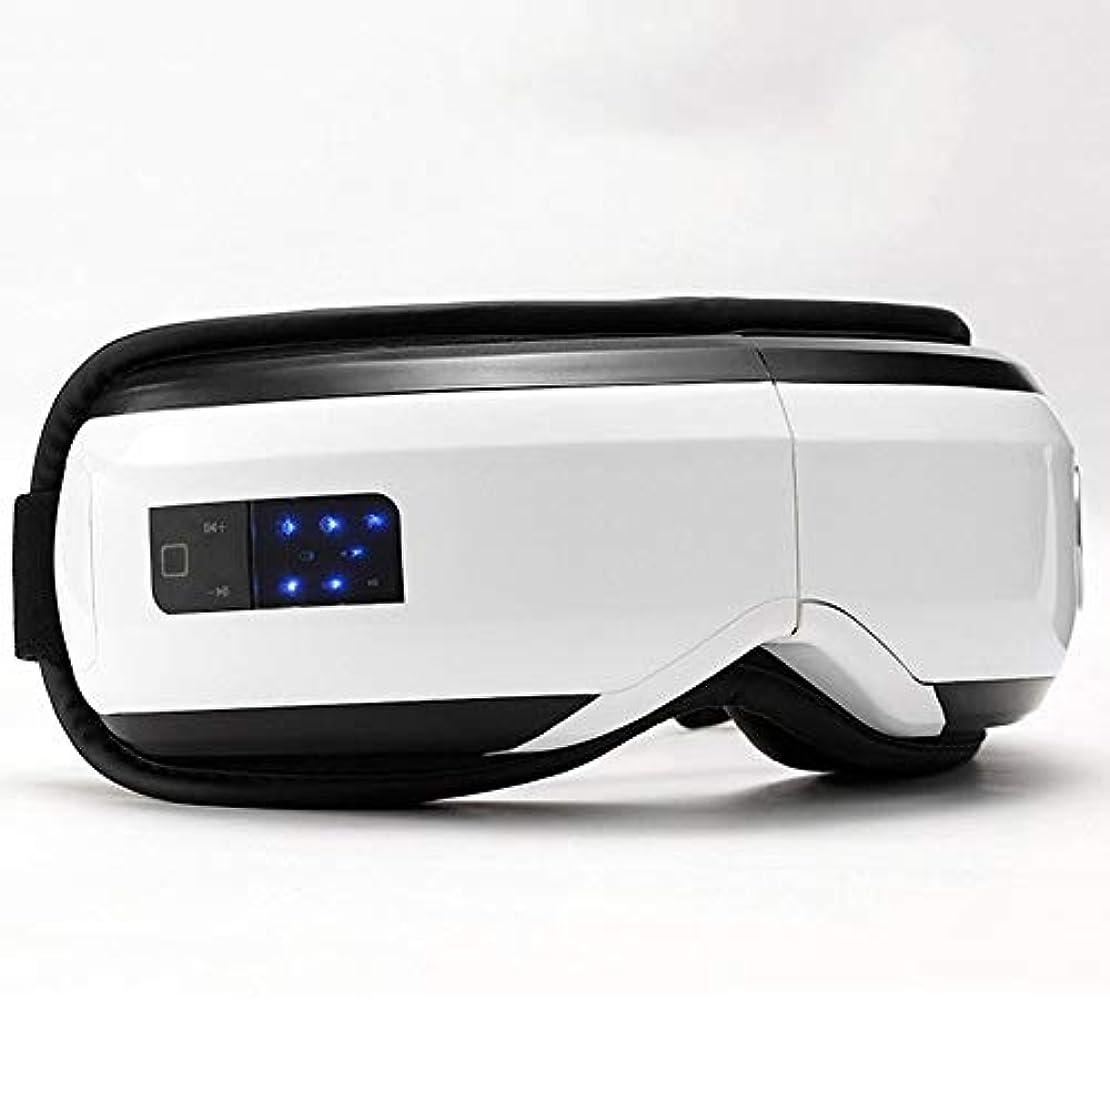 うまくいけば快適シビックMeet now 暖房付きの高度な音楽電動アイマッサージャー 品質保証